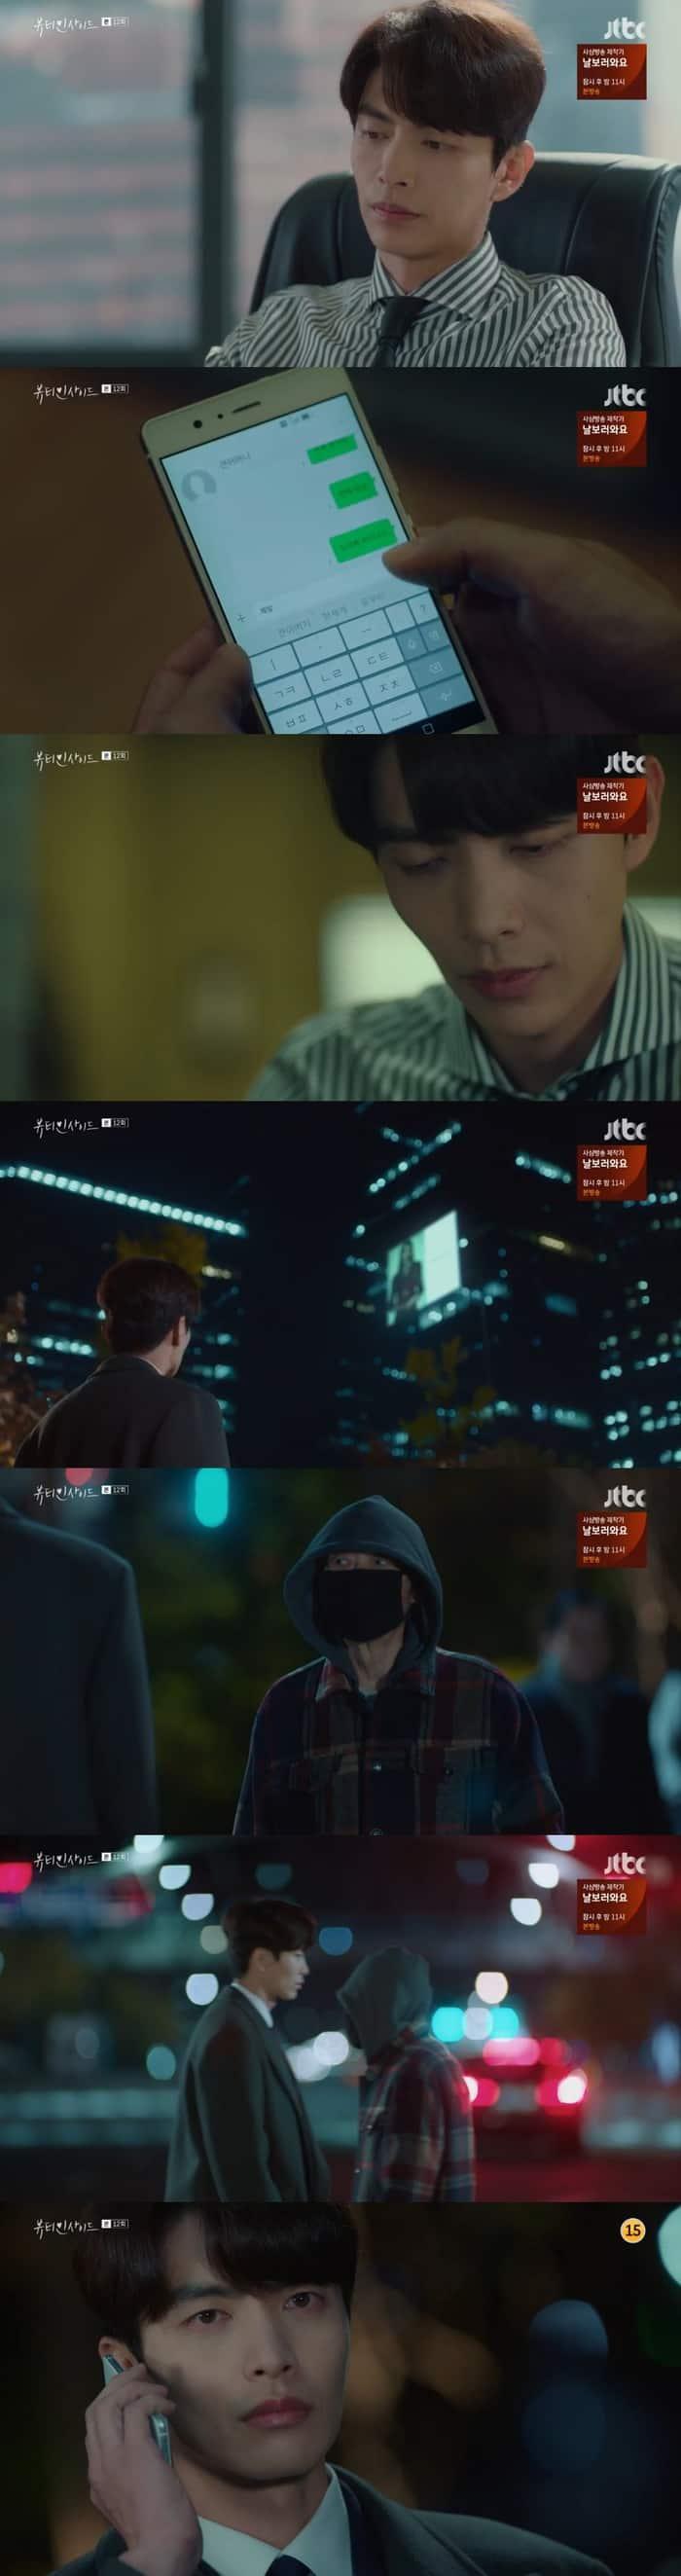 JTBC 드라마 '뷰티인사이드' 캡처 ⓒ 갓잇코리아